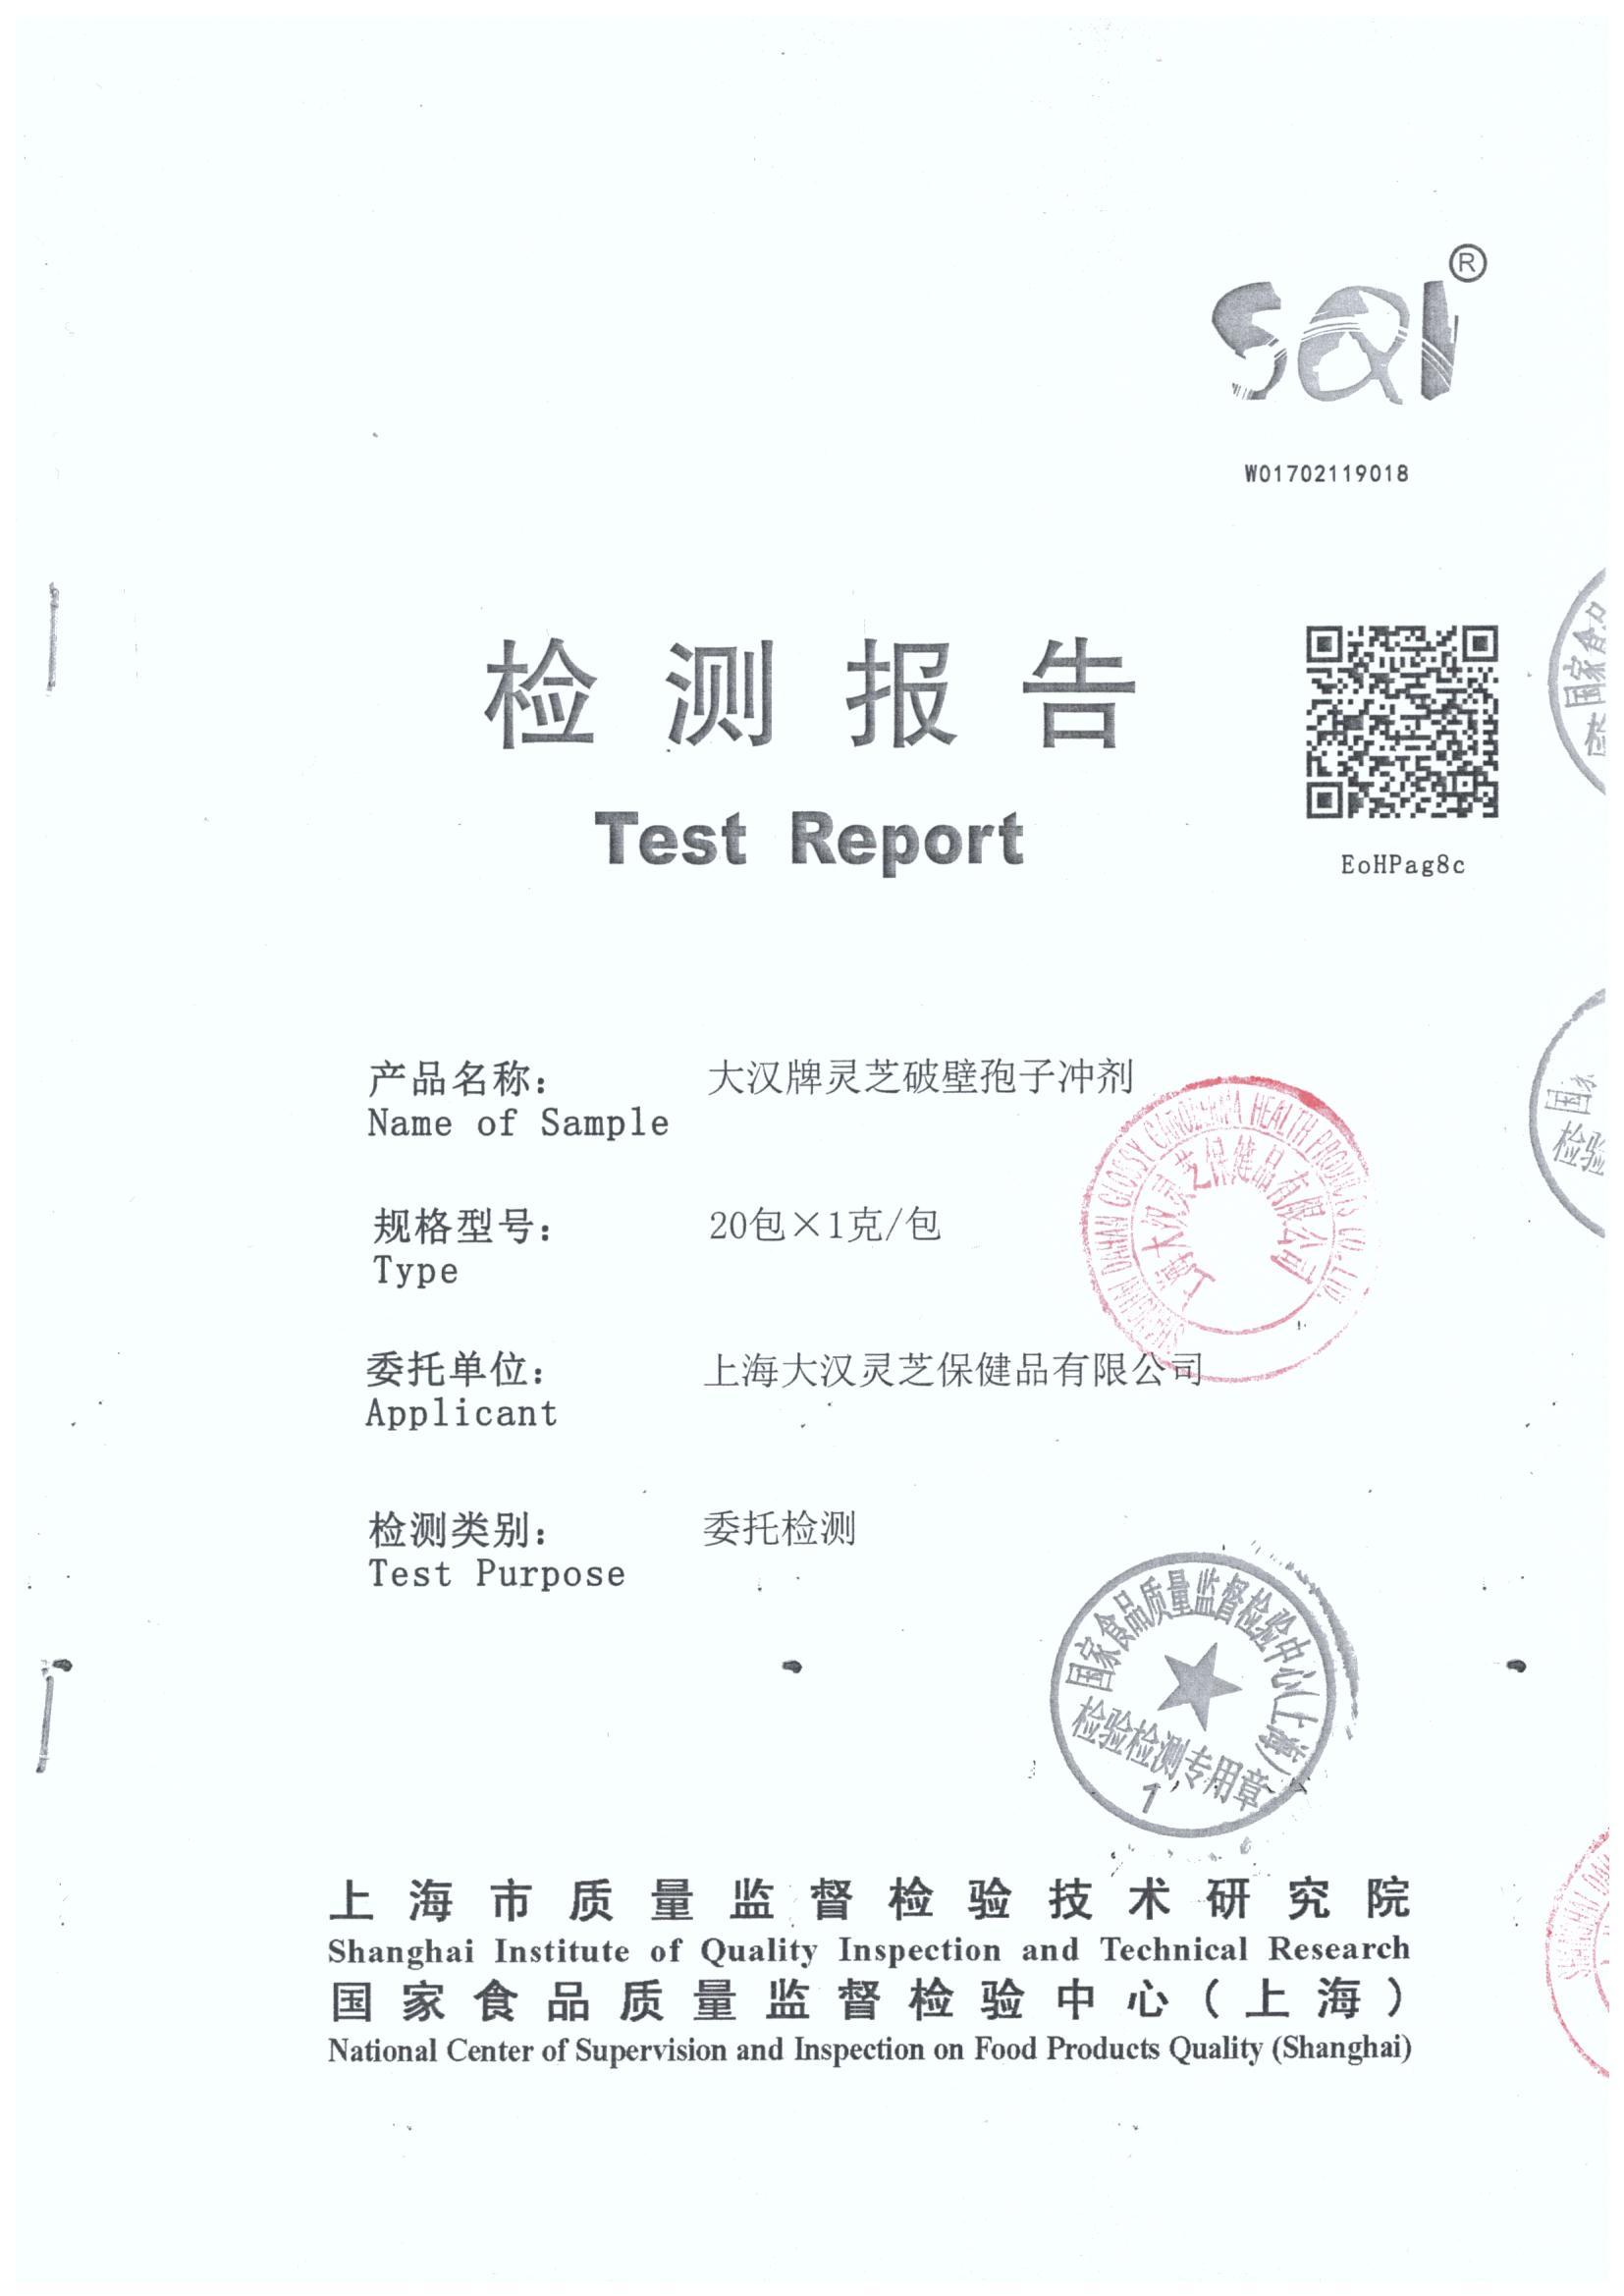 菇新大汉牌灵芝破壁孢子冲剂产品检测报告